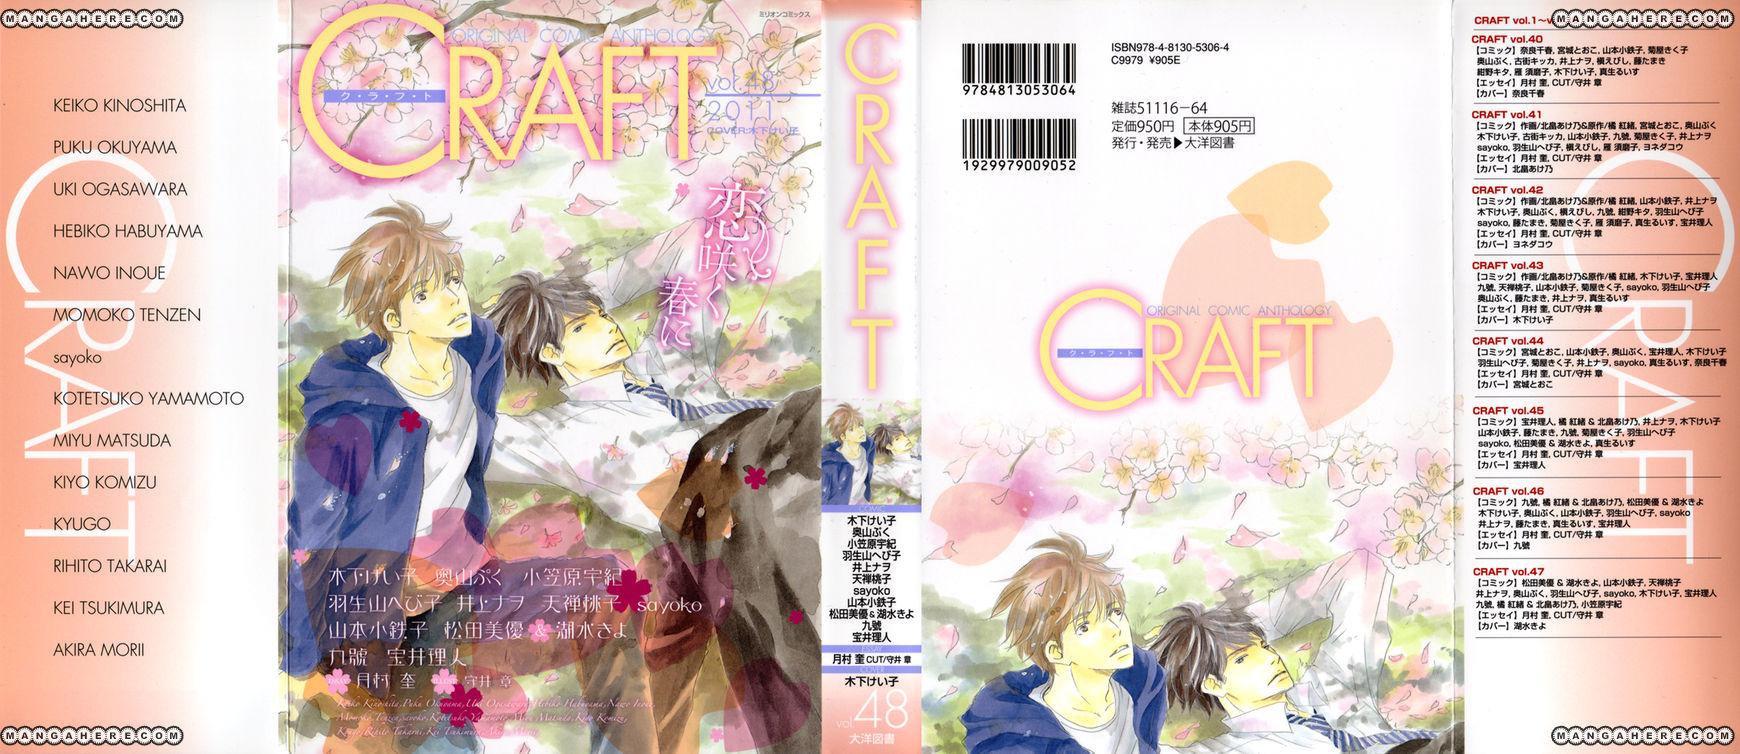 Sora o Daite Oyasumi 7 Page 2